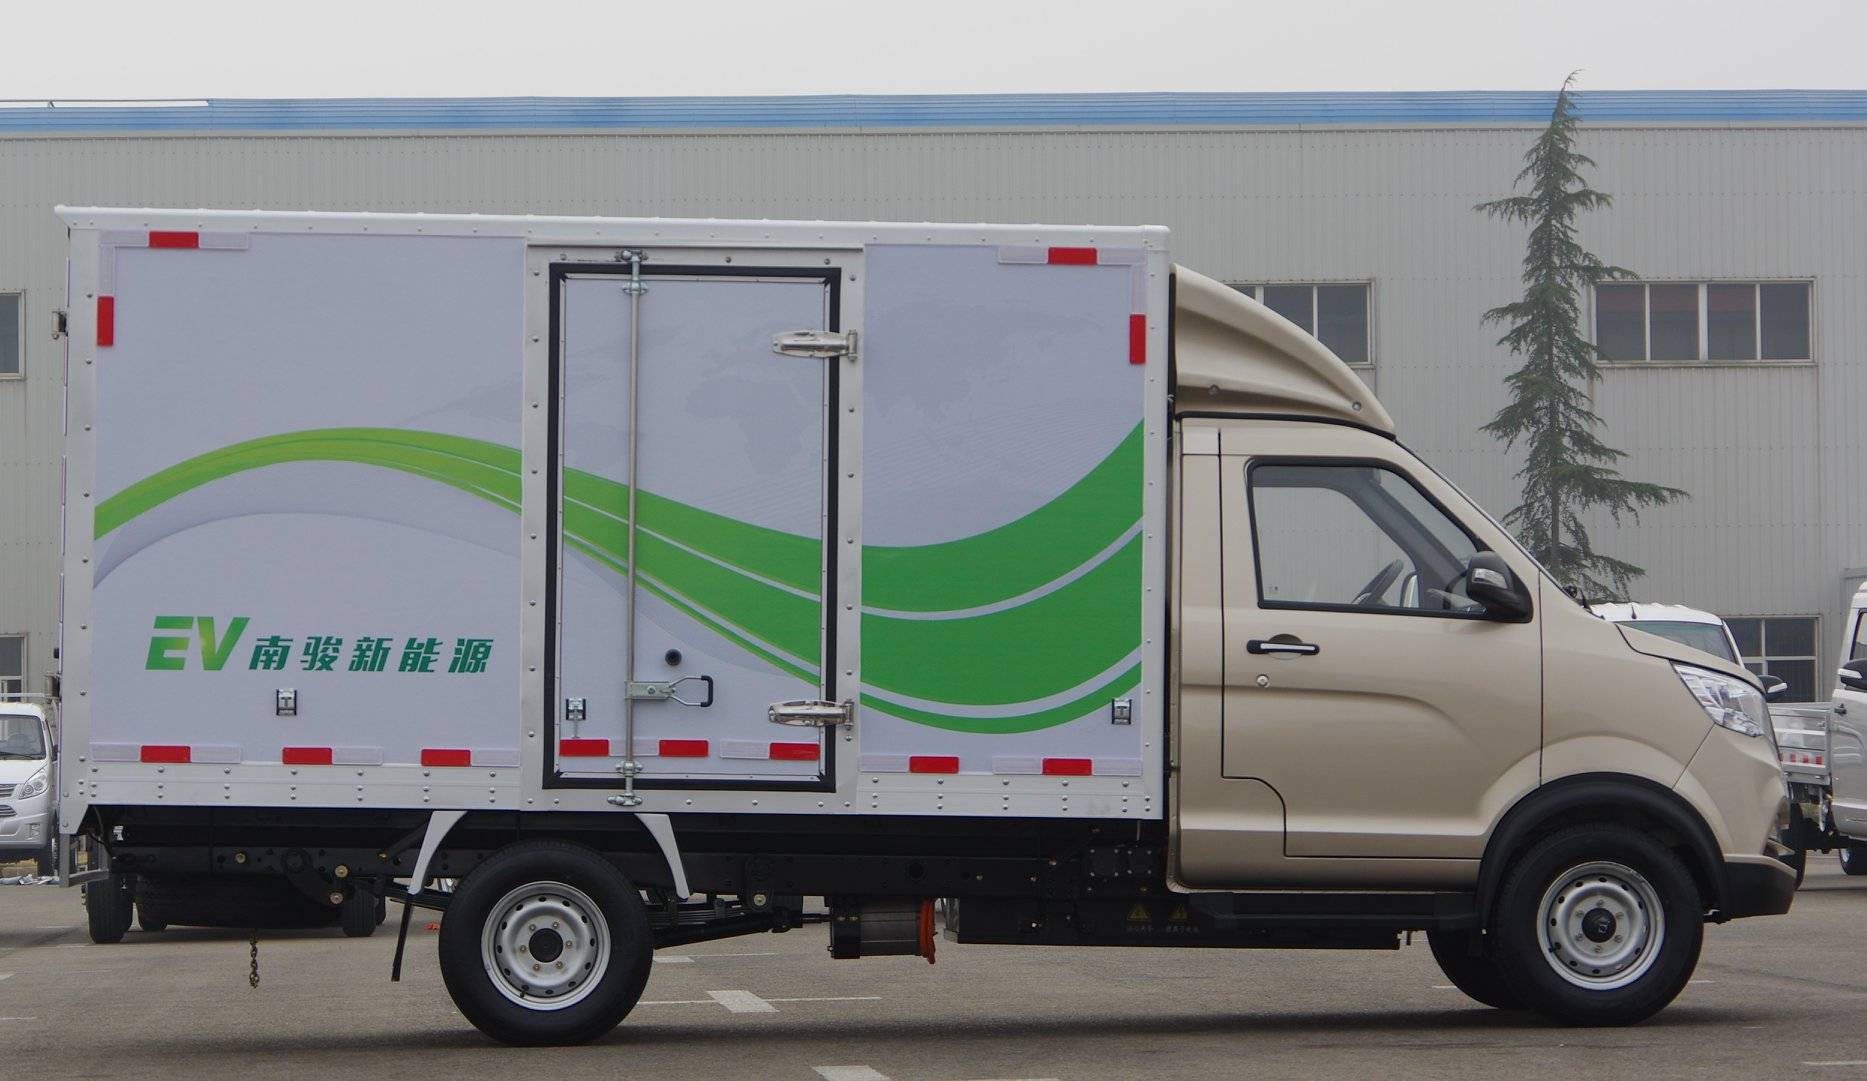 Cnj-elektrische-vrachtwagens-van-39-kwh-tot-93-kwh-met-lading-van-2-5-ton-tot-8-ton-1